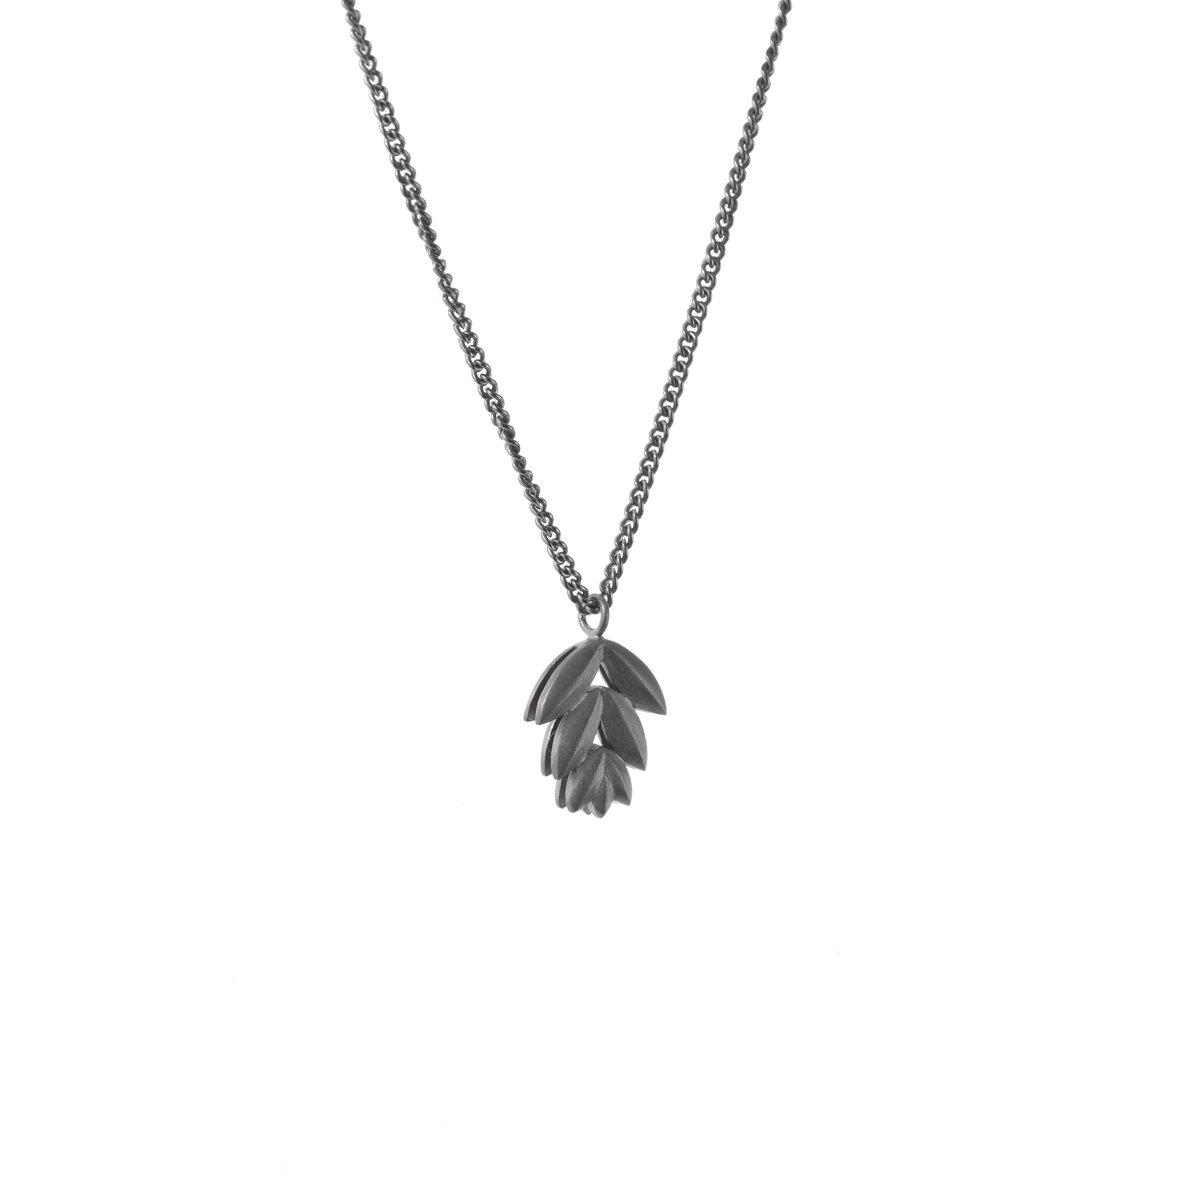 Tritium necklace